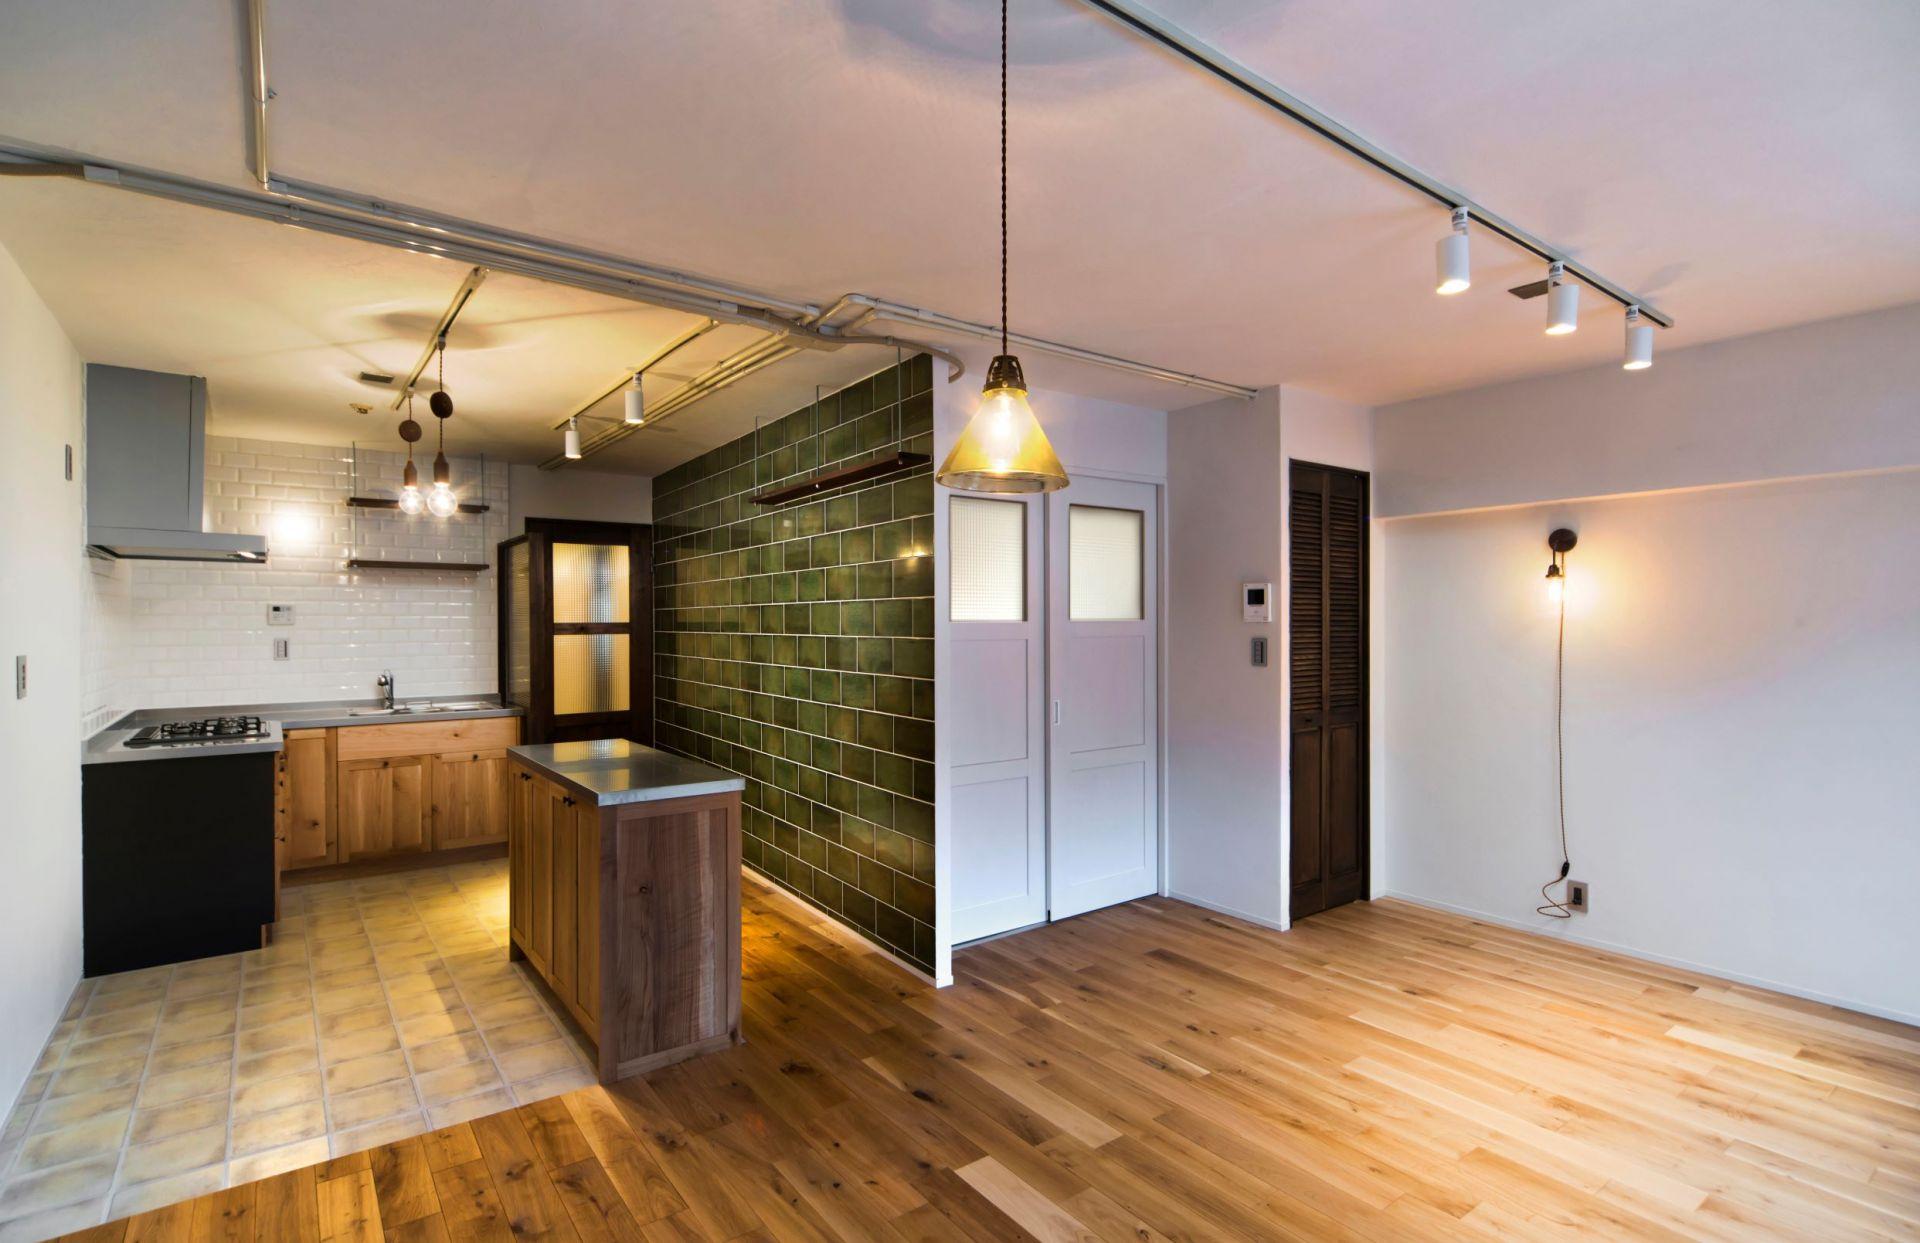 どっちがおすすめ?中古住宅のリノベーションと新築住宅を徹底比較します!